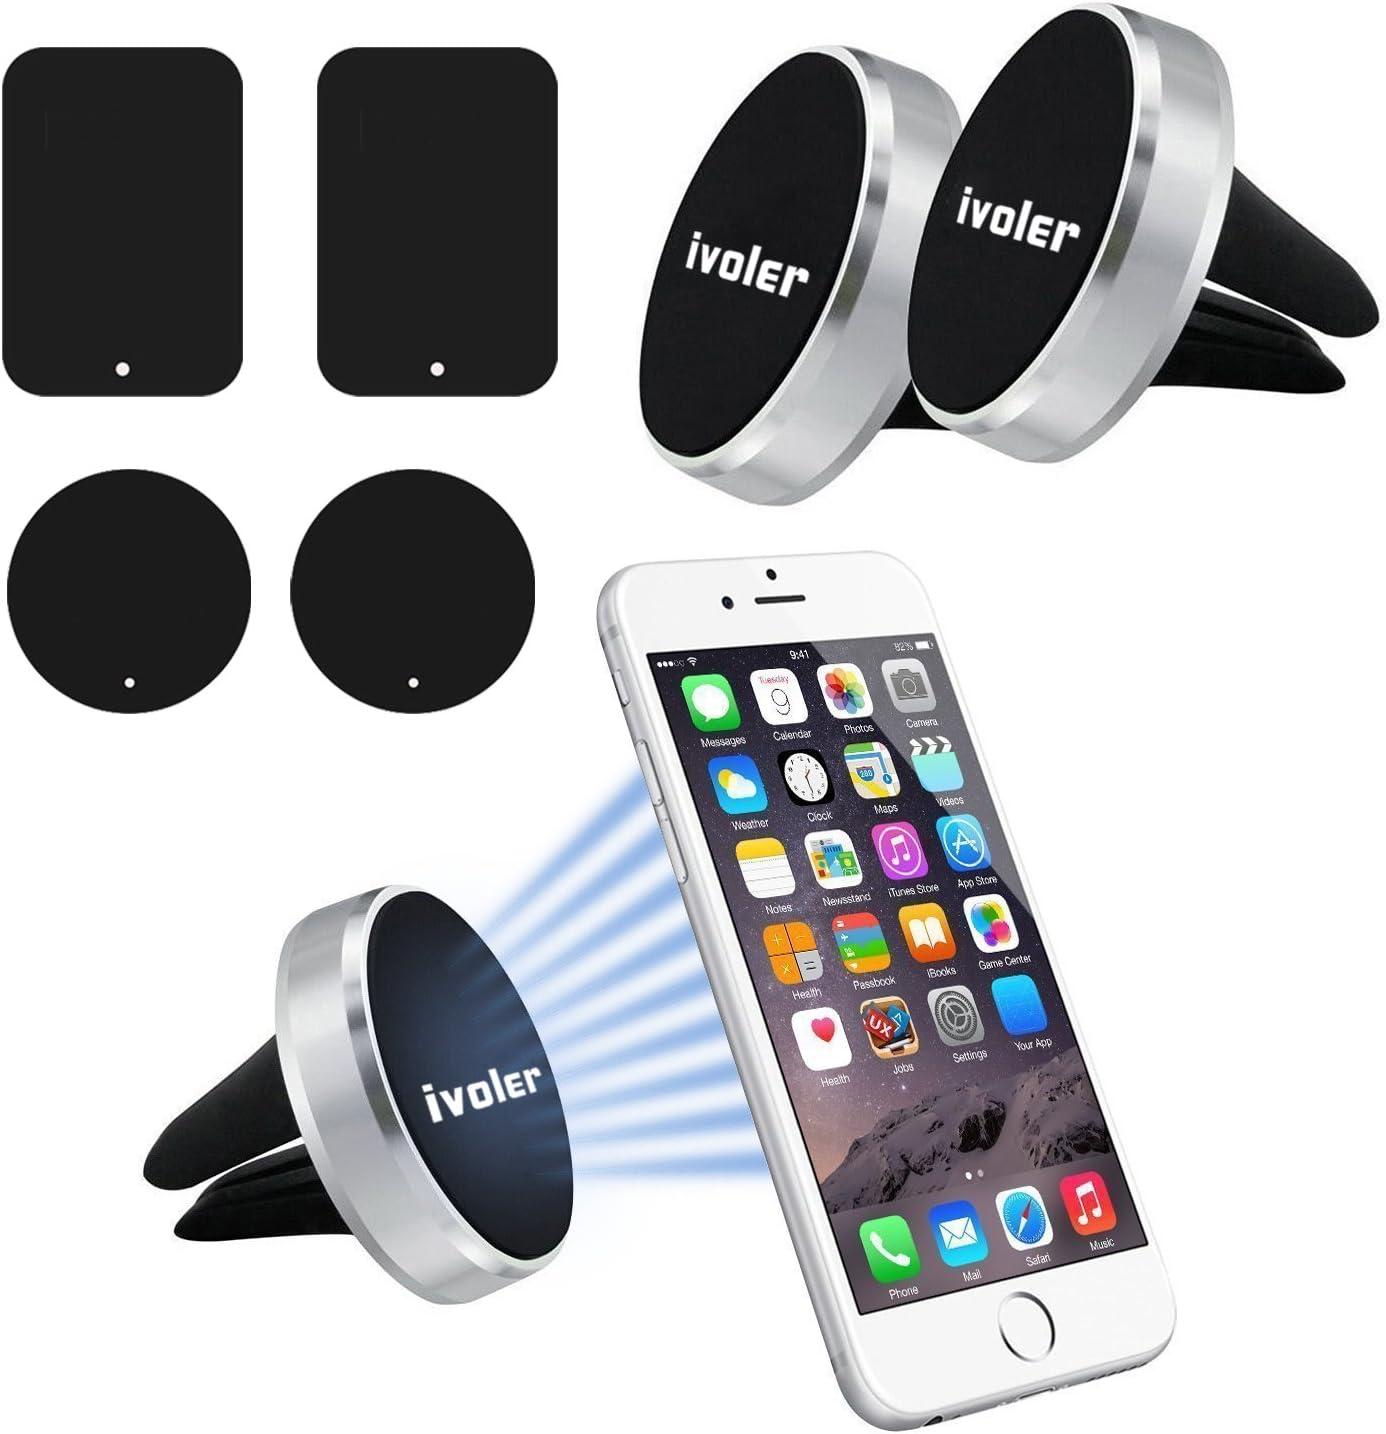 ivoler 2 pack Soporte Magnético Móvil Coche Soporte Iman Móvil Coche para Rejilla del Aire,360°Rotación Soporte Iman Coche para iPhone 7/6s/6/5,Samsung Note8/S8,Xiaomi,BQ,LG - Plata